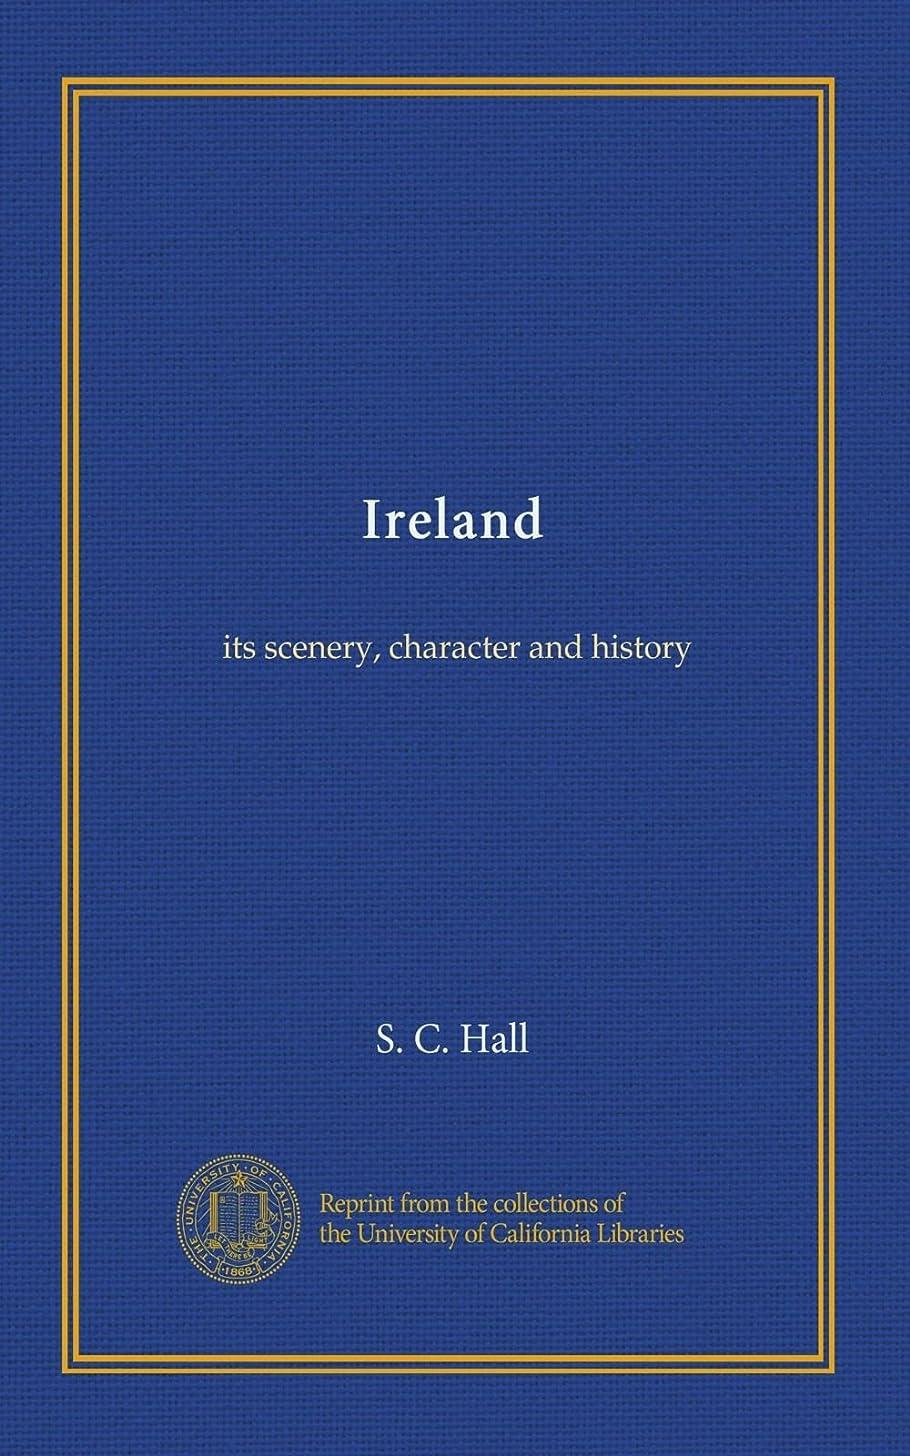 ショルダー解体する巨人Ireland (v.2): its scenery, character and history